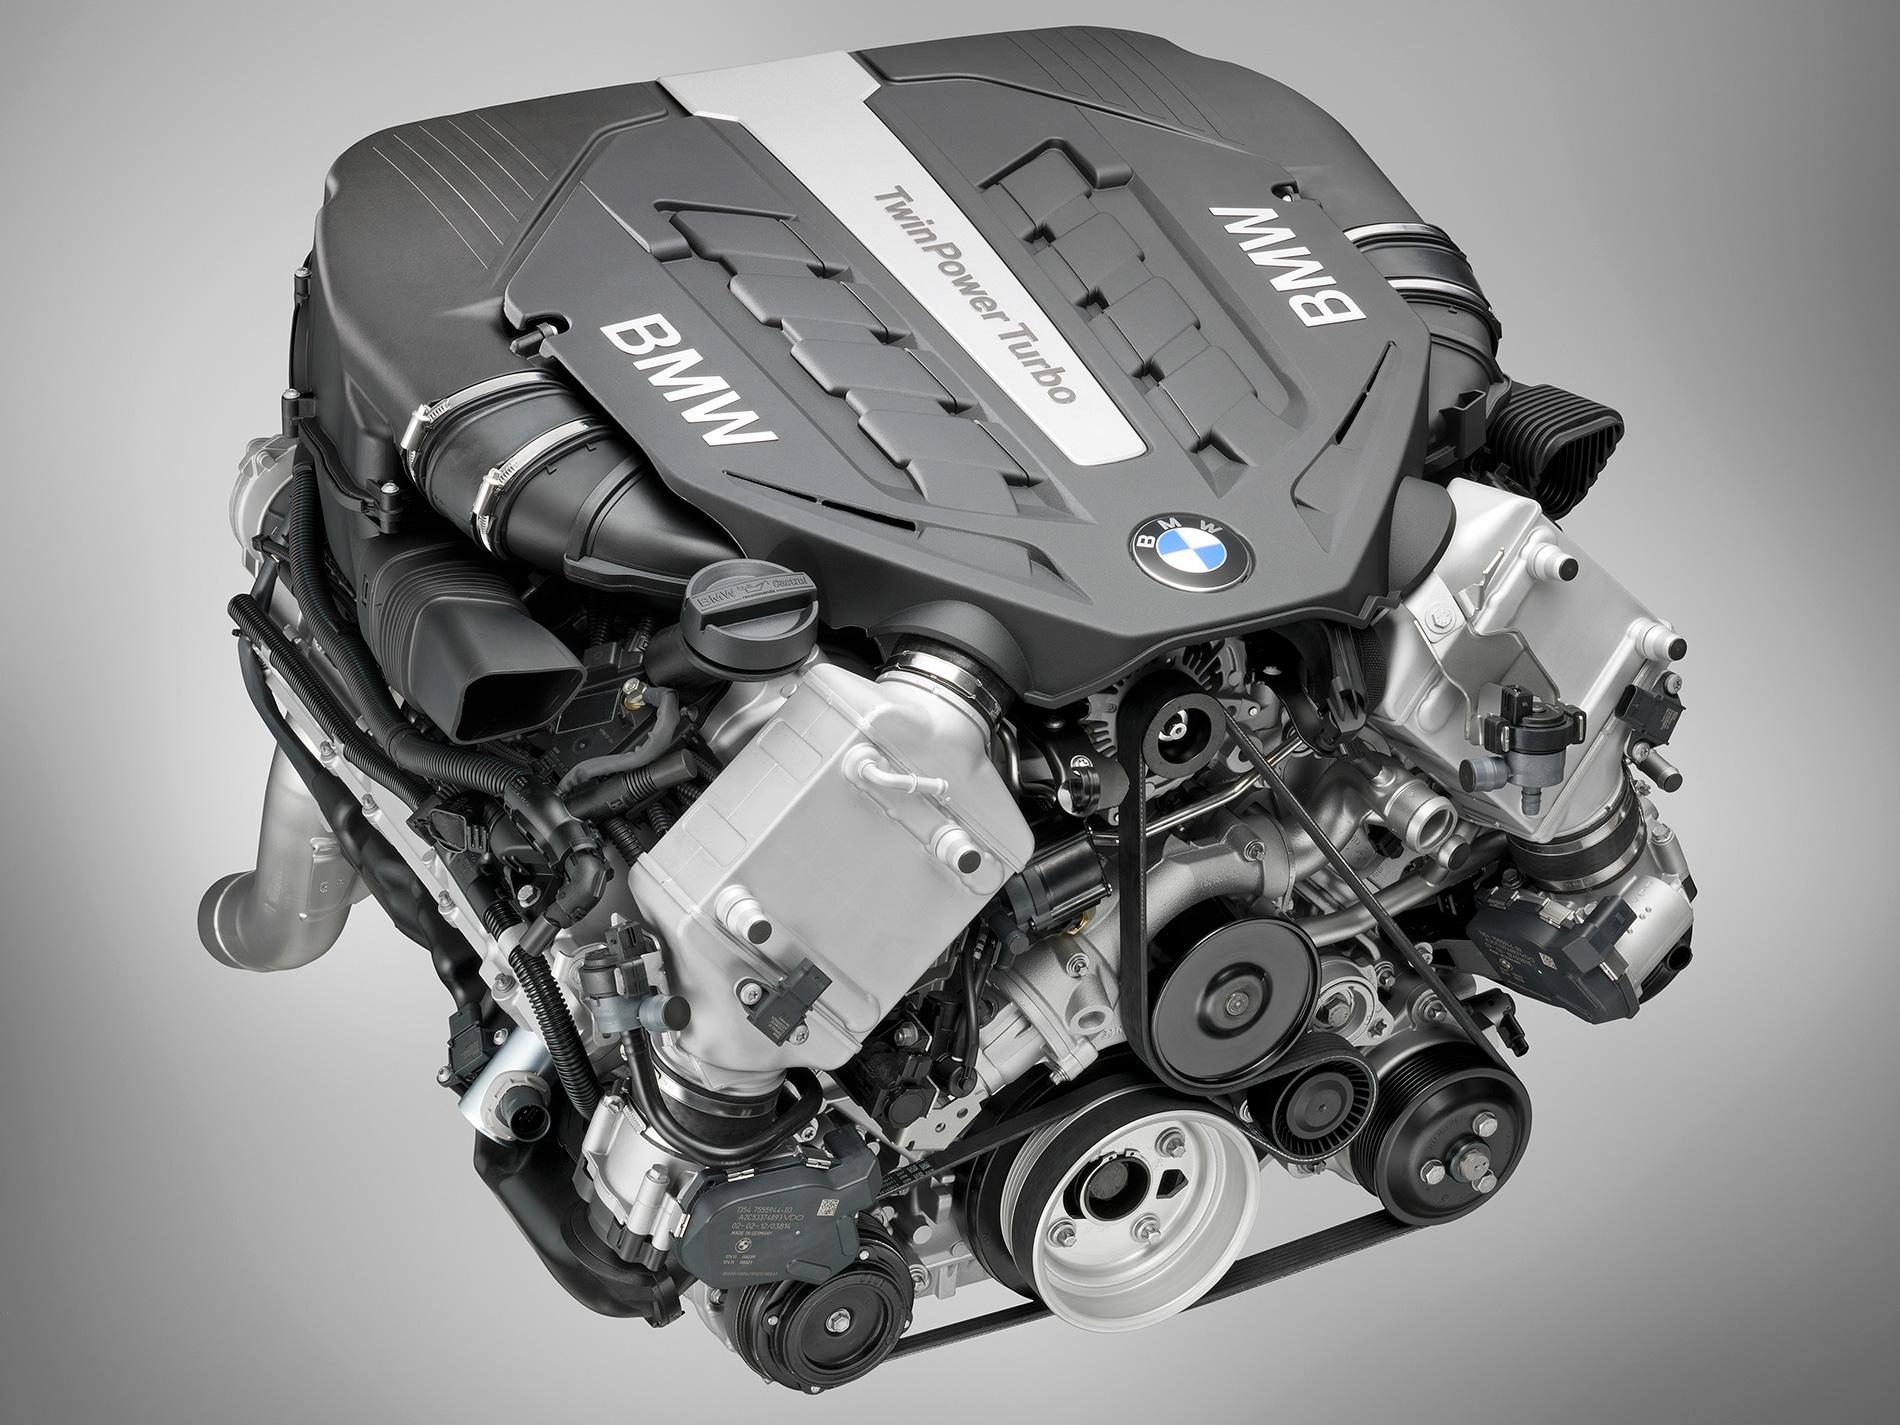 bmw_n63_engine.jpg